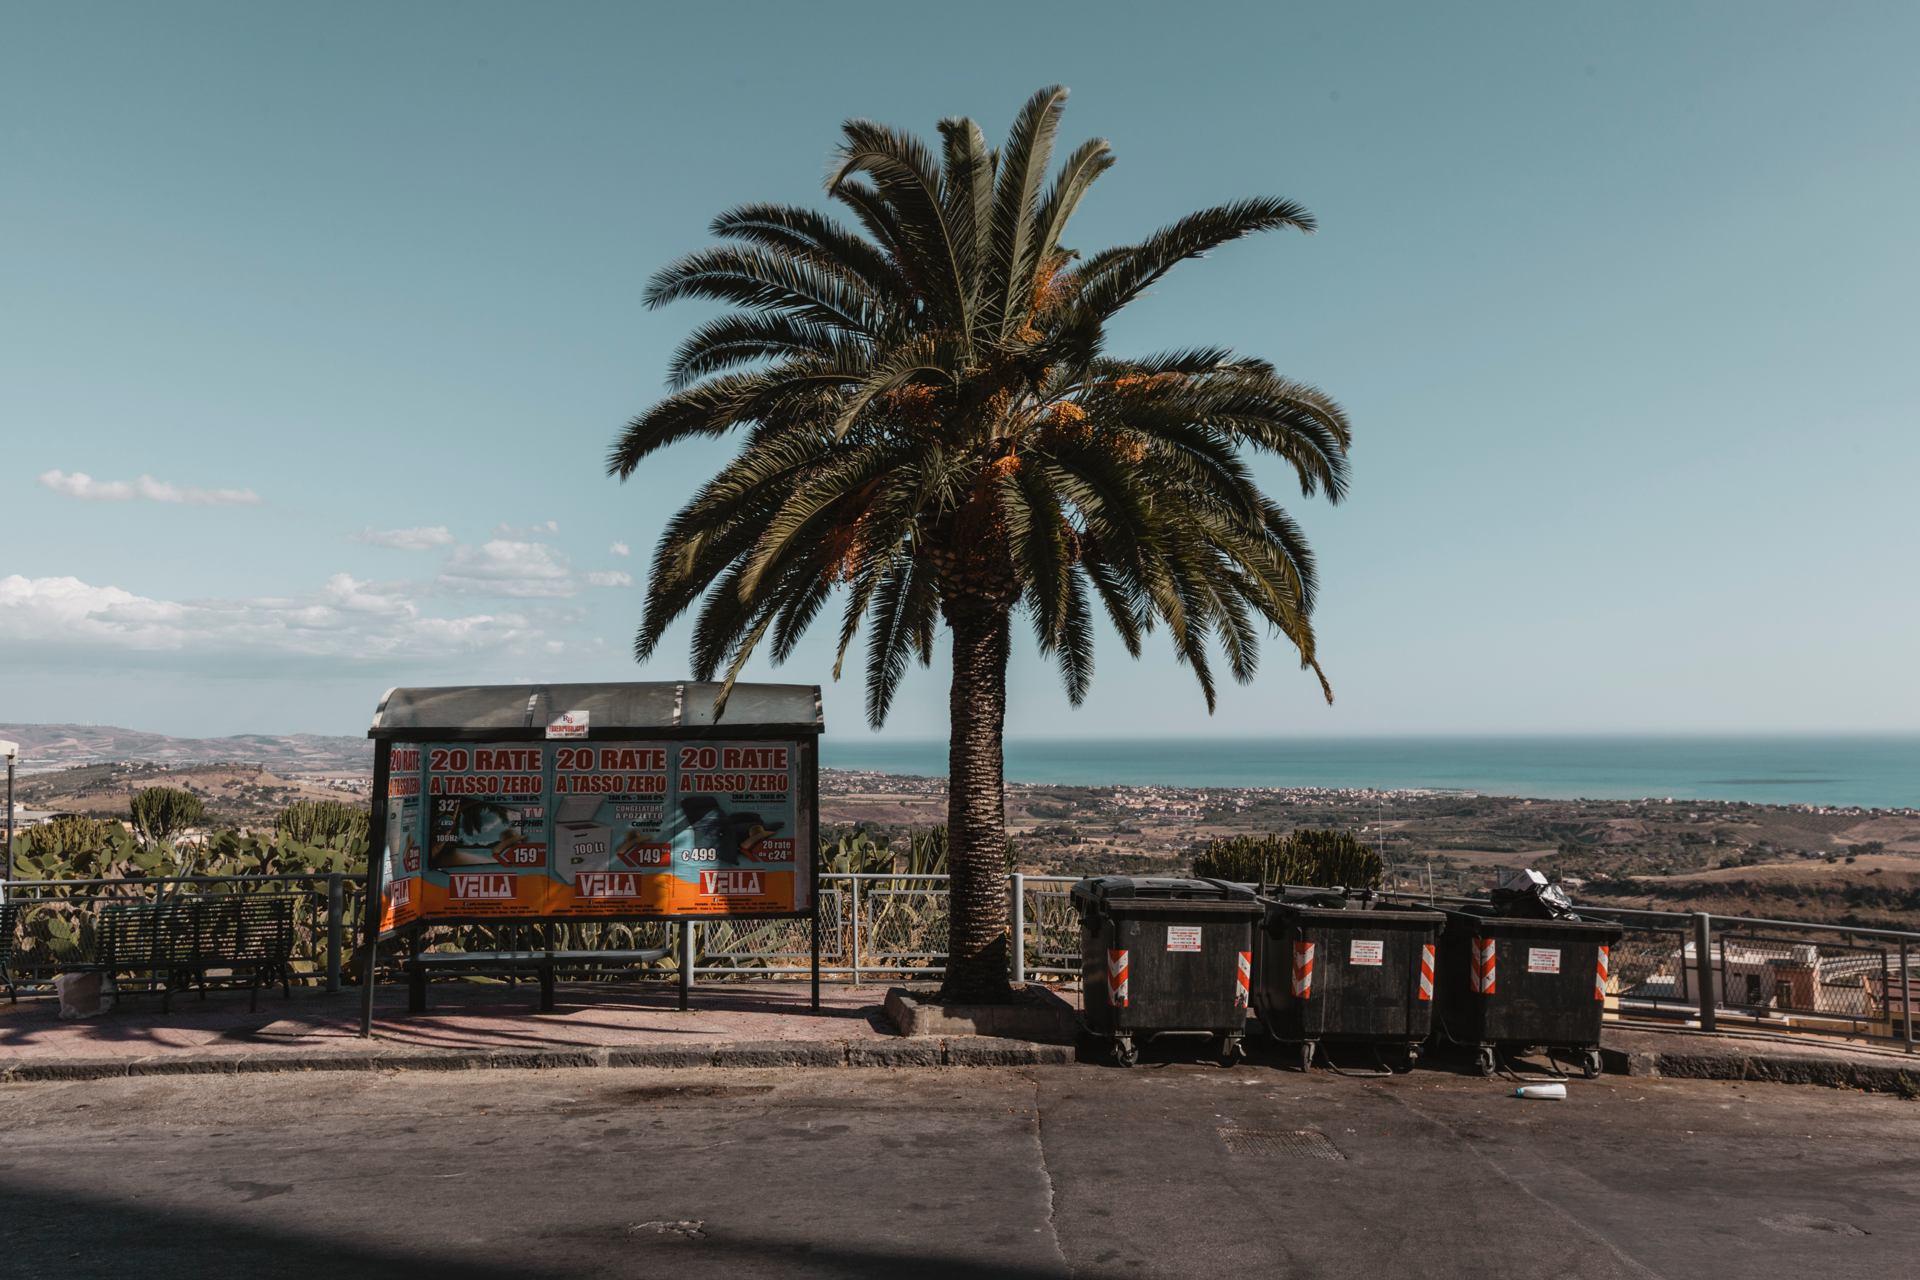 Un abri, un palmier et les poubelles, Sicile